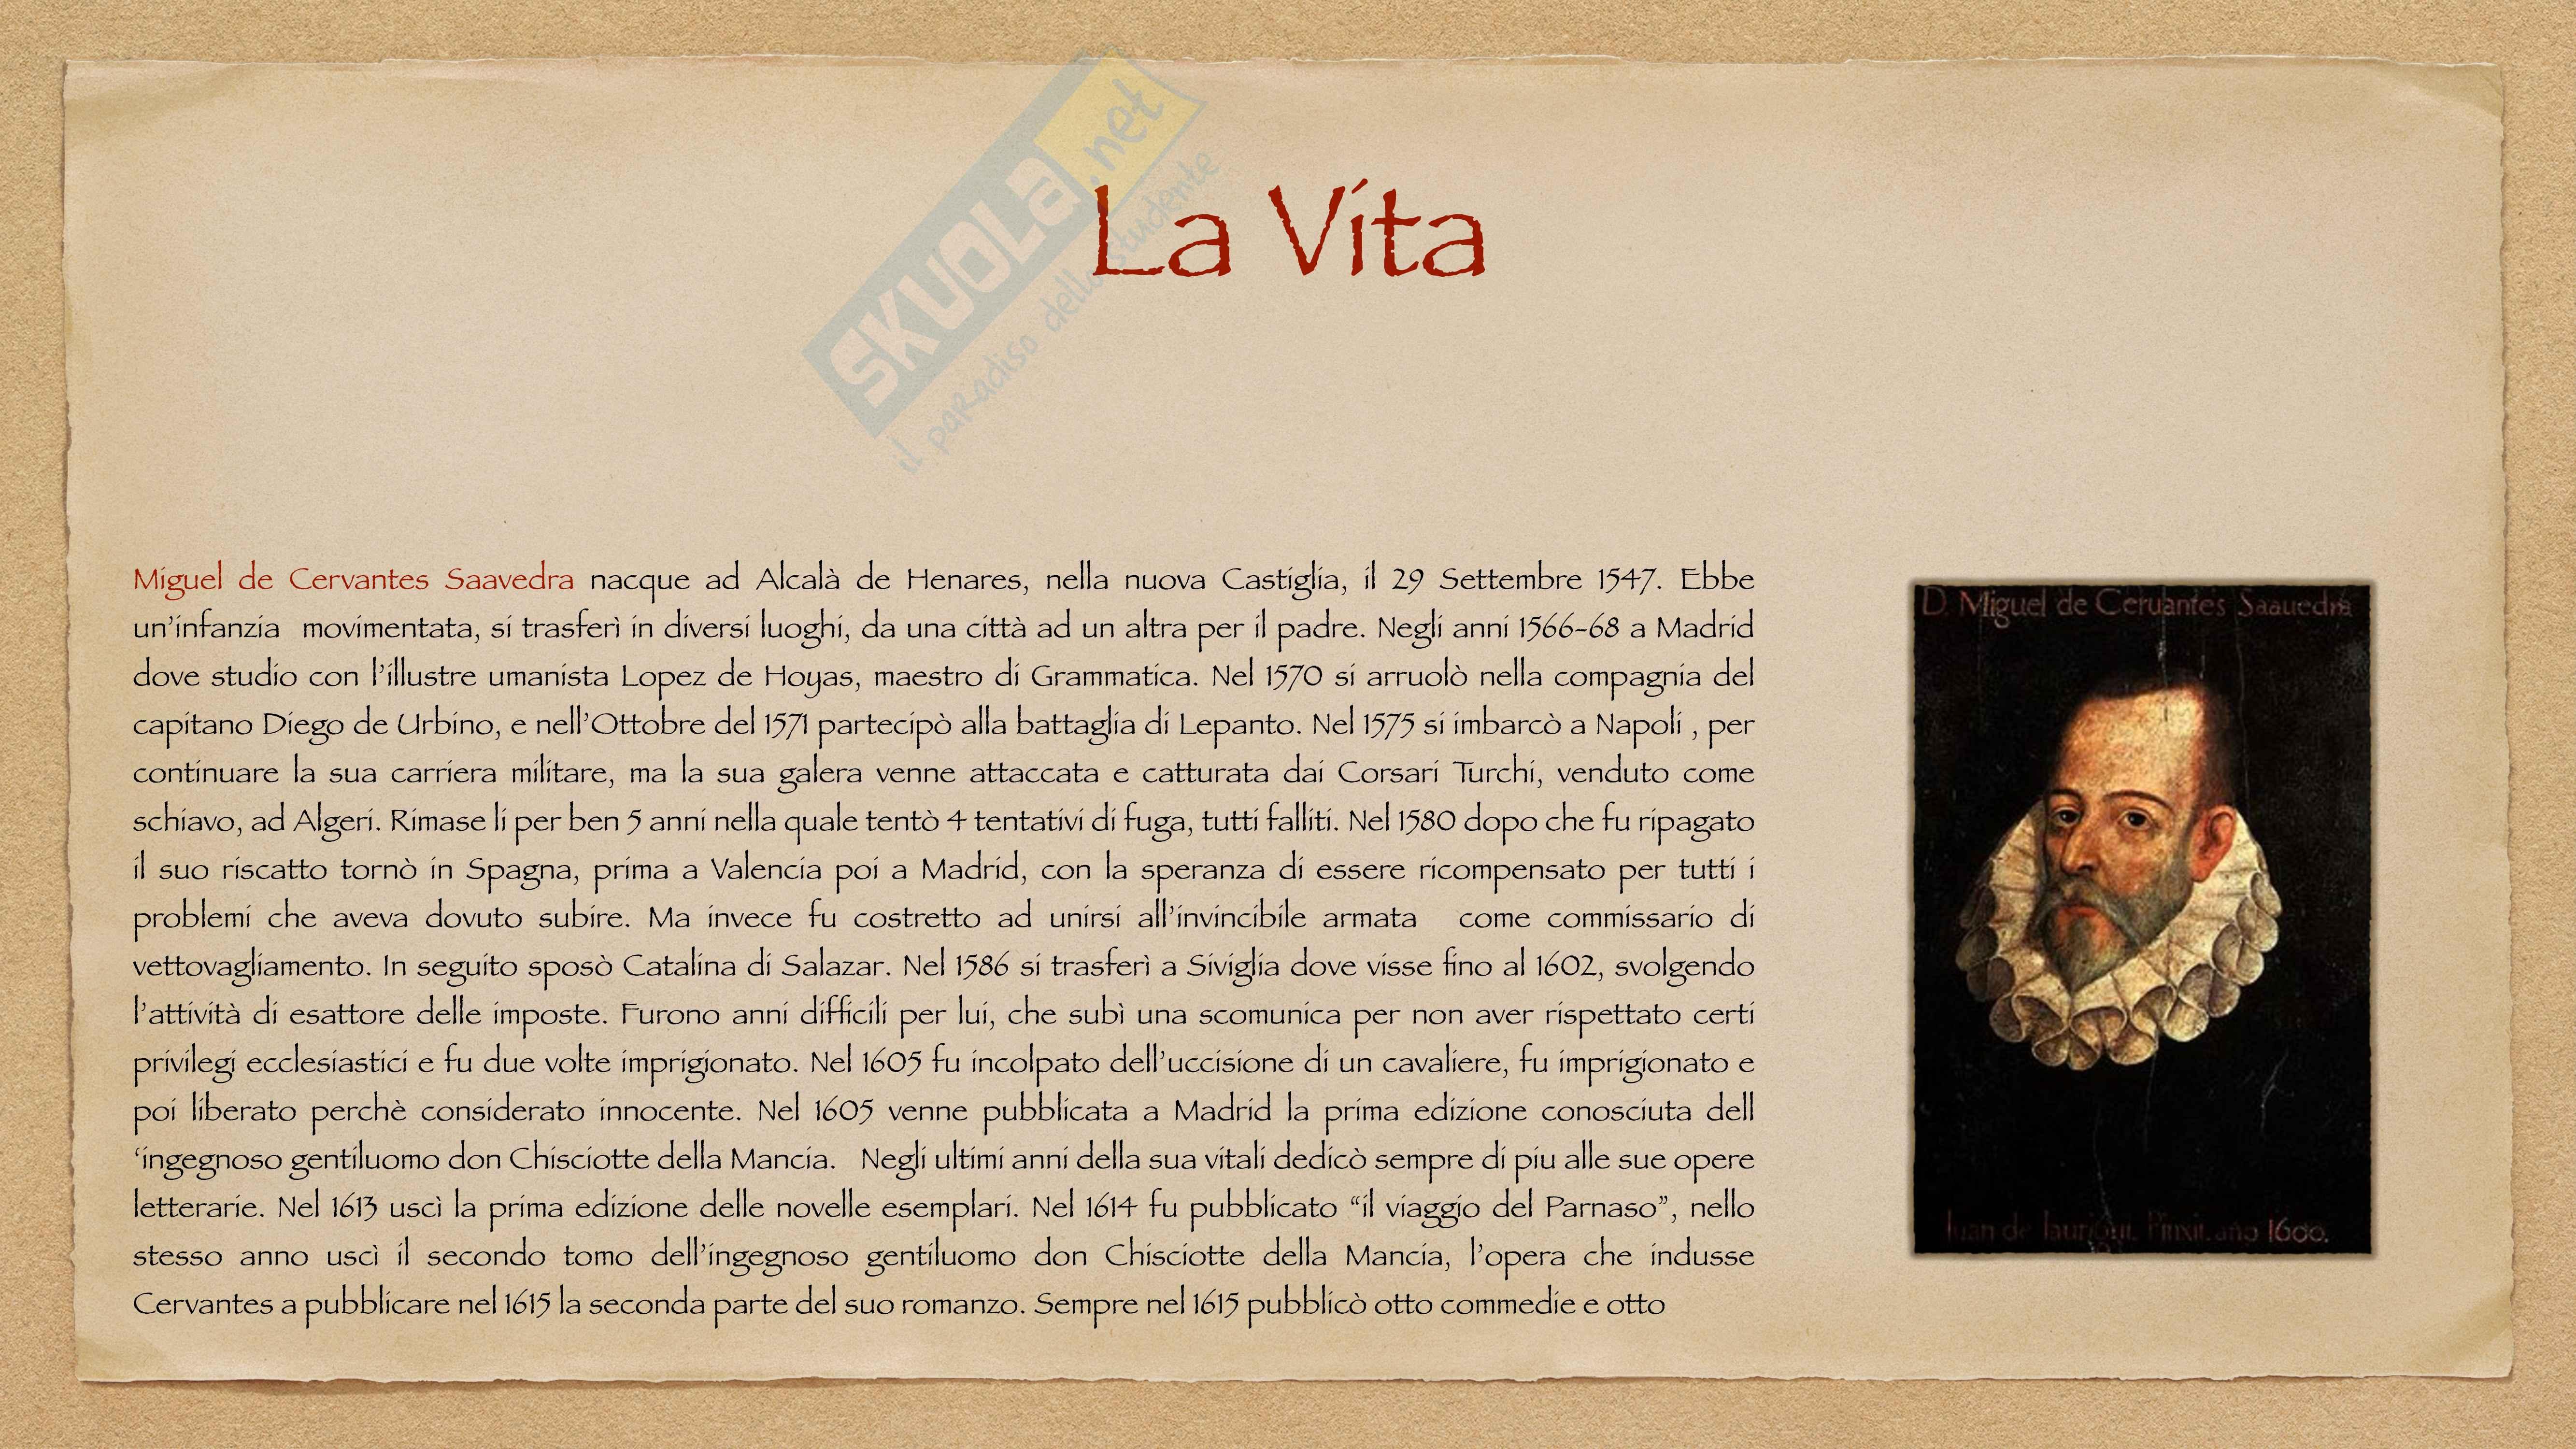 Miguel de Cervantes Saavedra Pag. 2